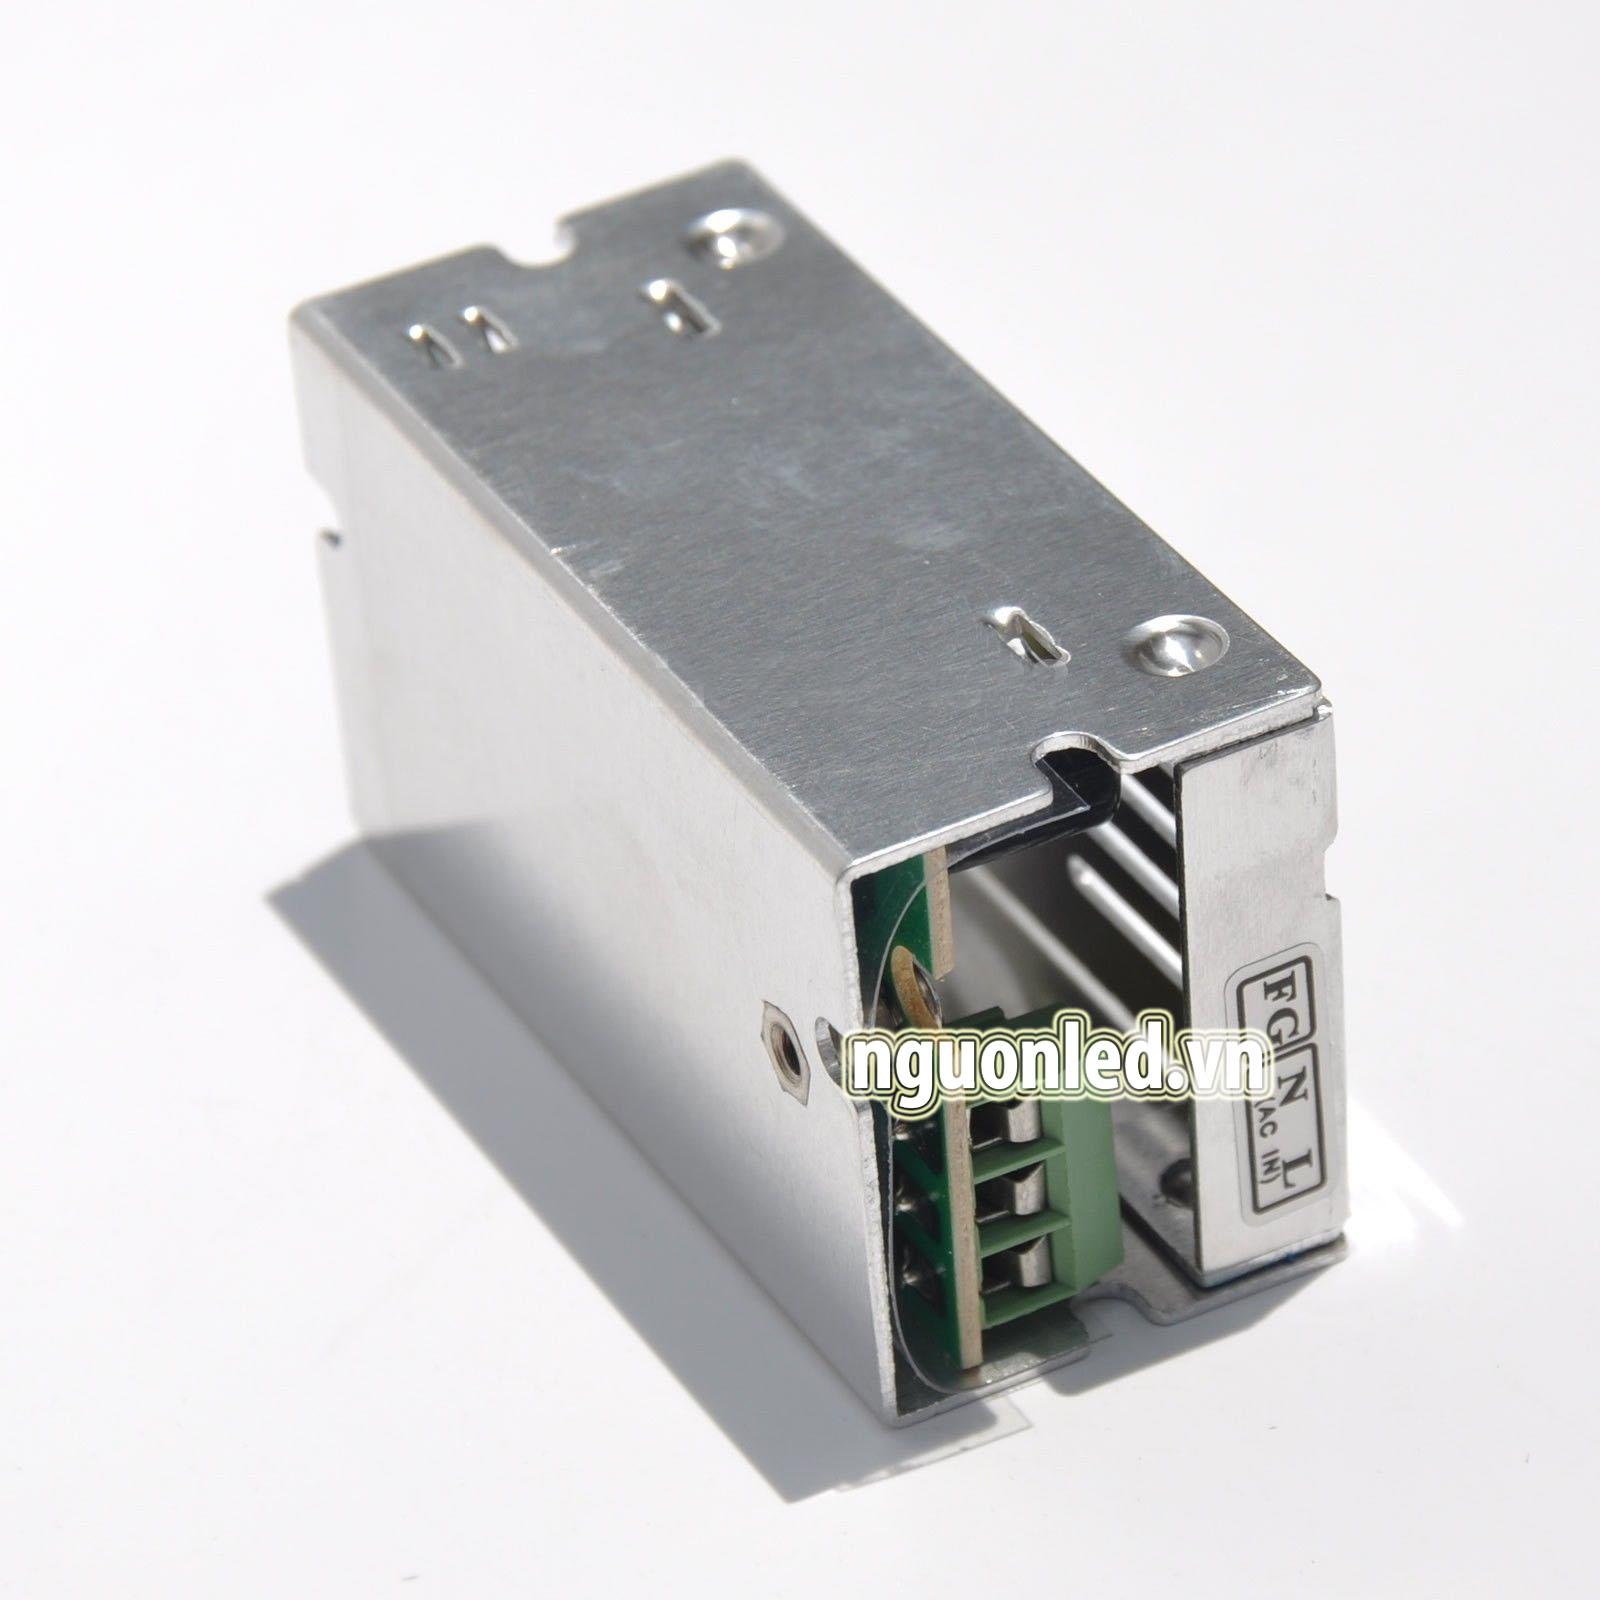 Nguồn led 12v1A loại tốt dùng cho camera, đèn led và điện công nghiệp mua tại nguonled.vn